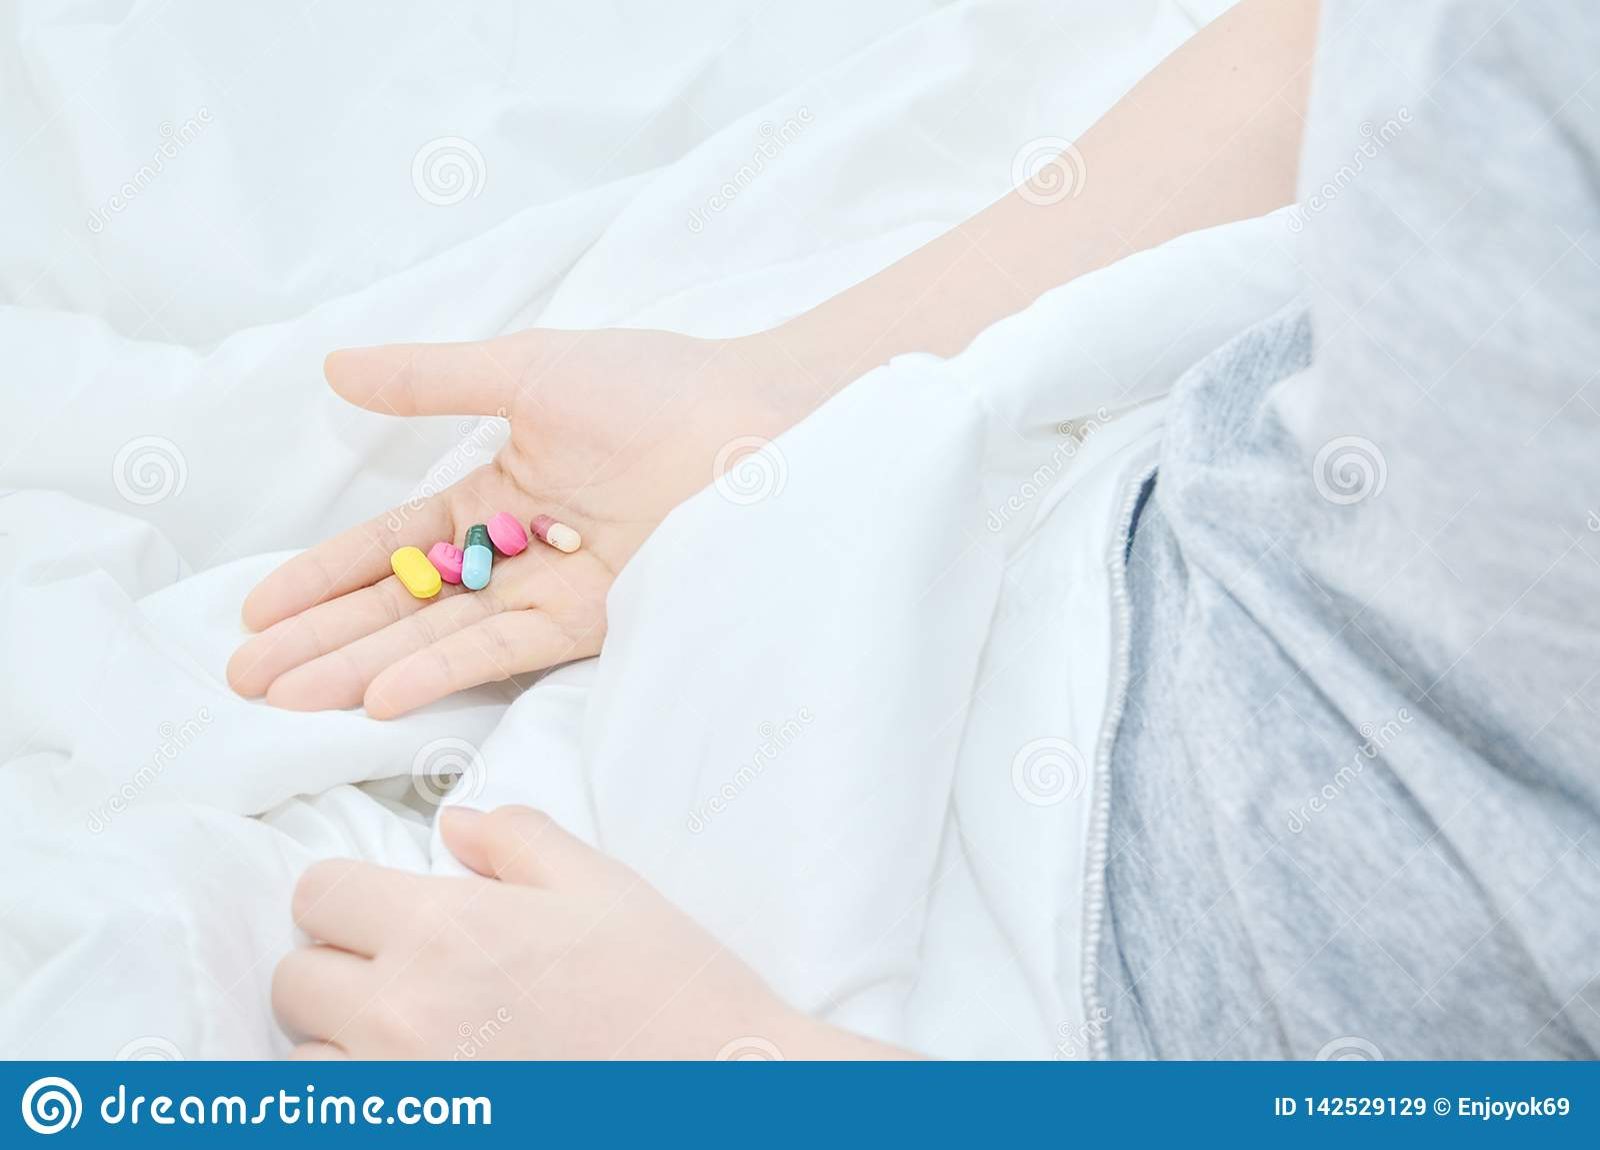 Medizintabletten sind an Hand